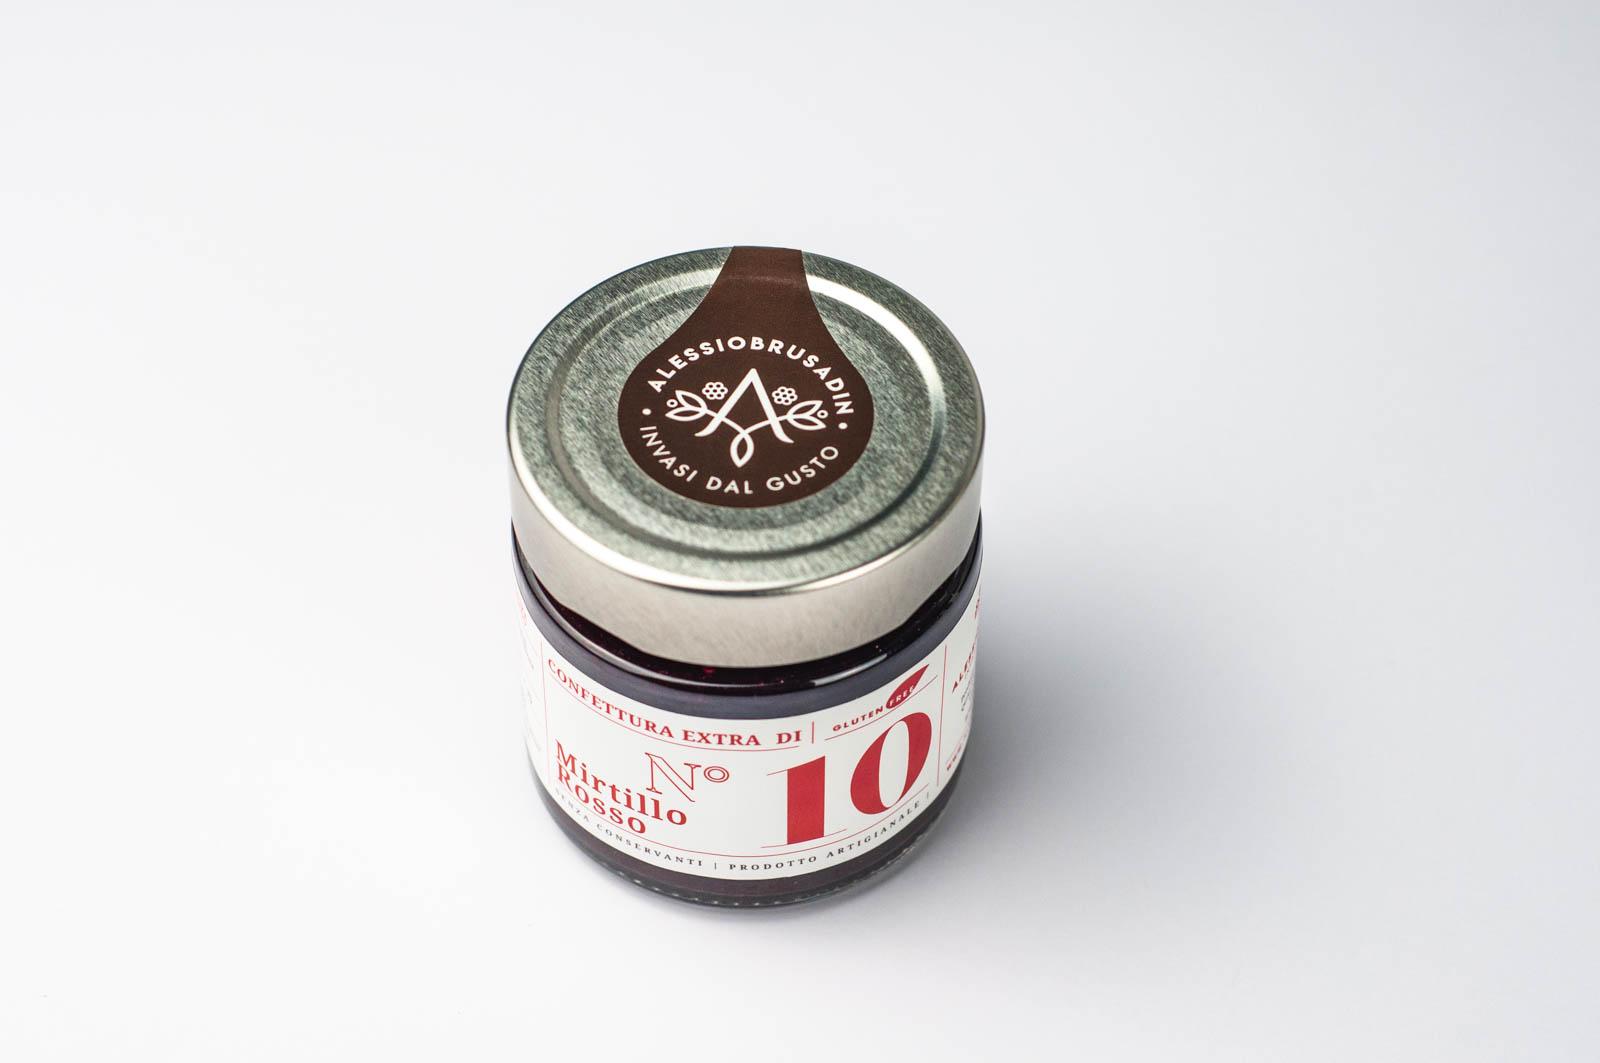 Alessio-Brusadin-vaso-confettura-mirtillo